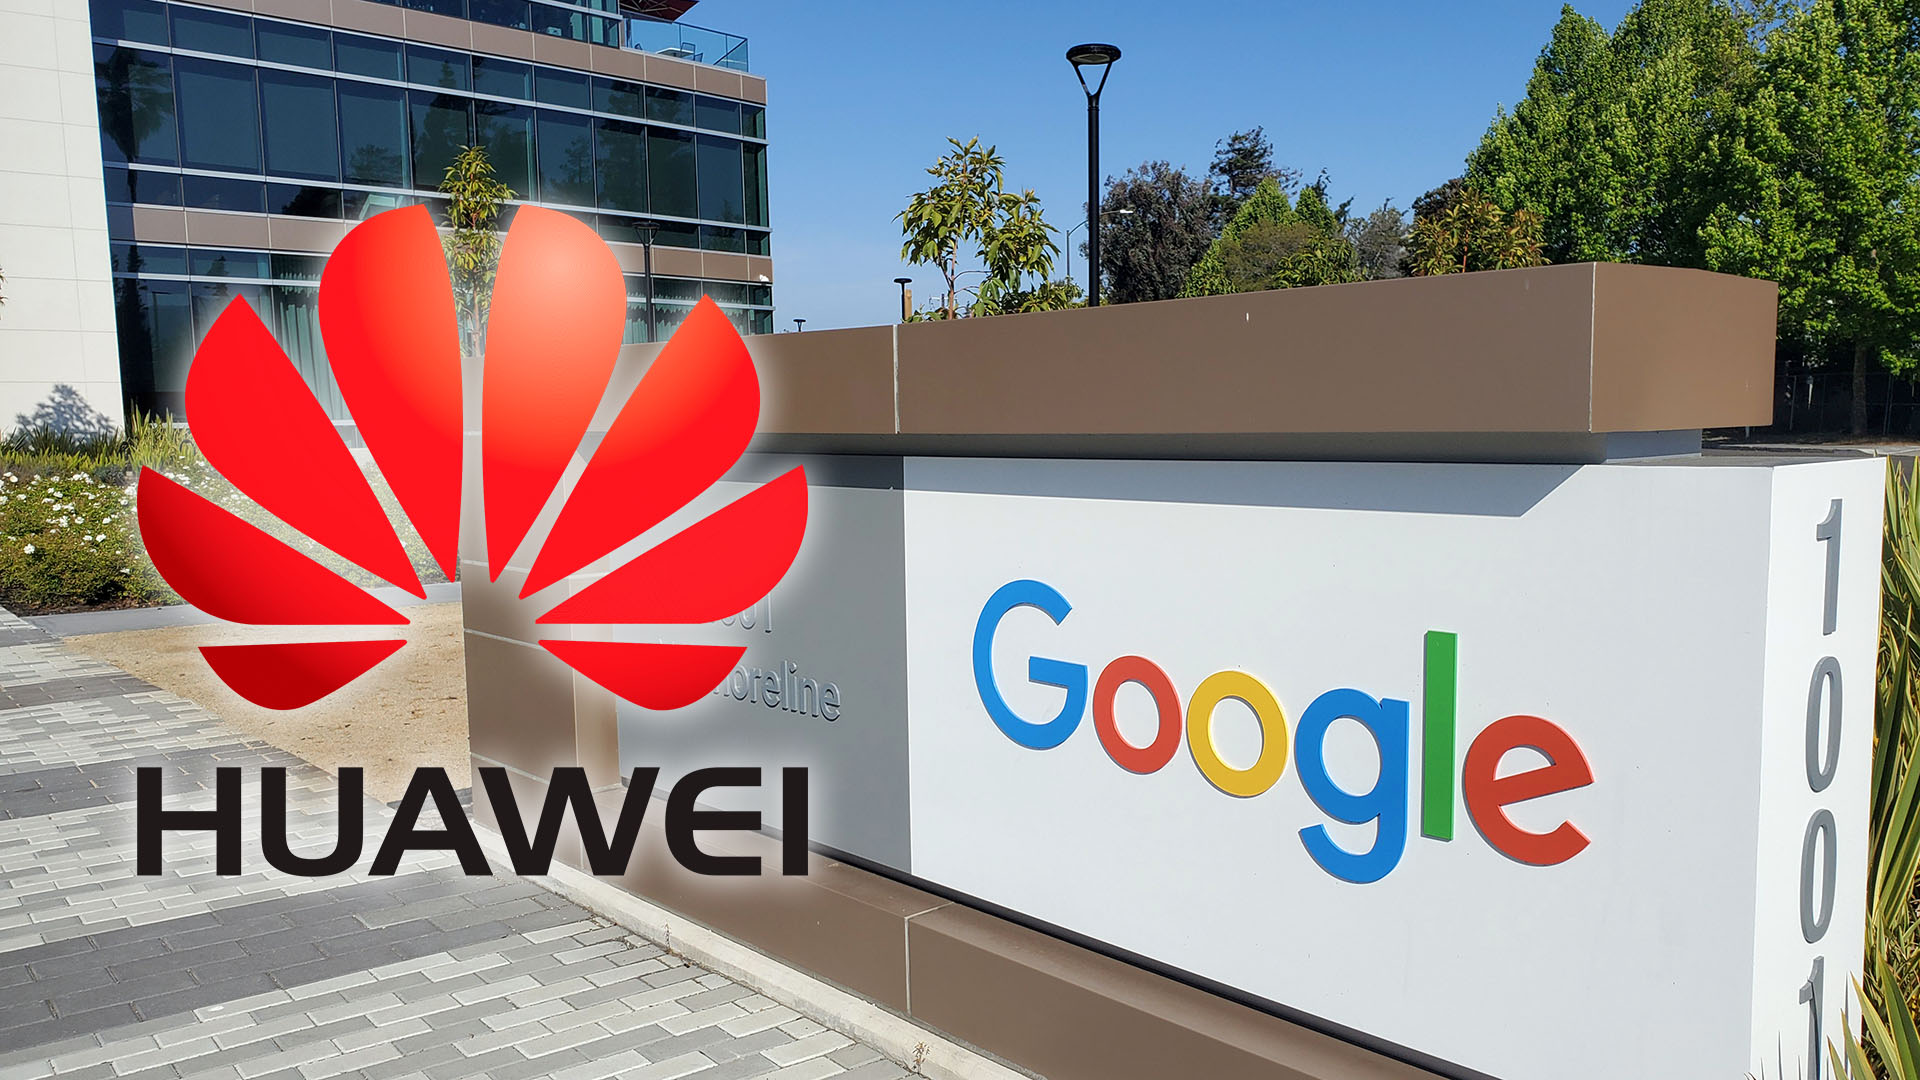 Google rompe relaciones con Huawei: ¿Qué futuro le depara a los dispositivos?